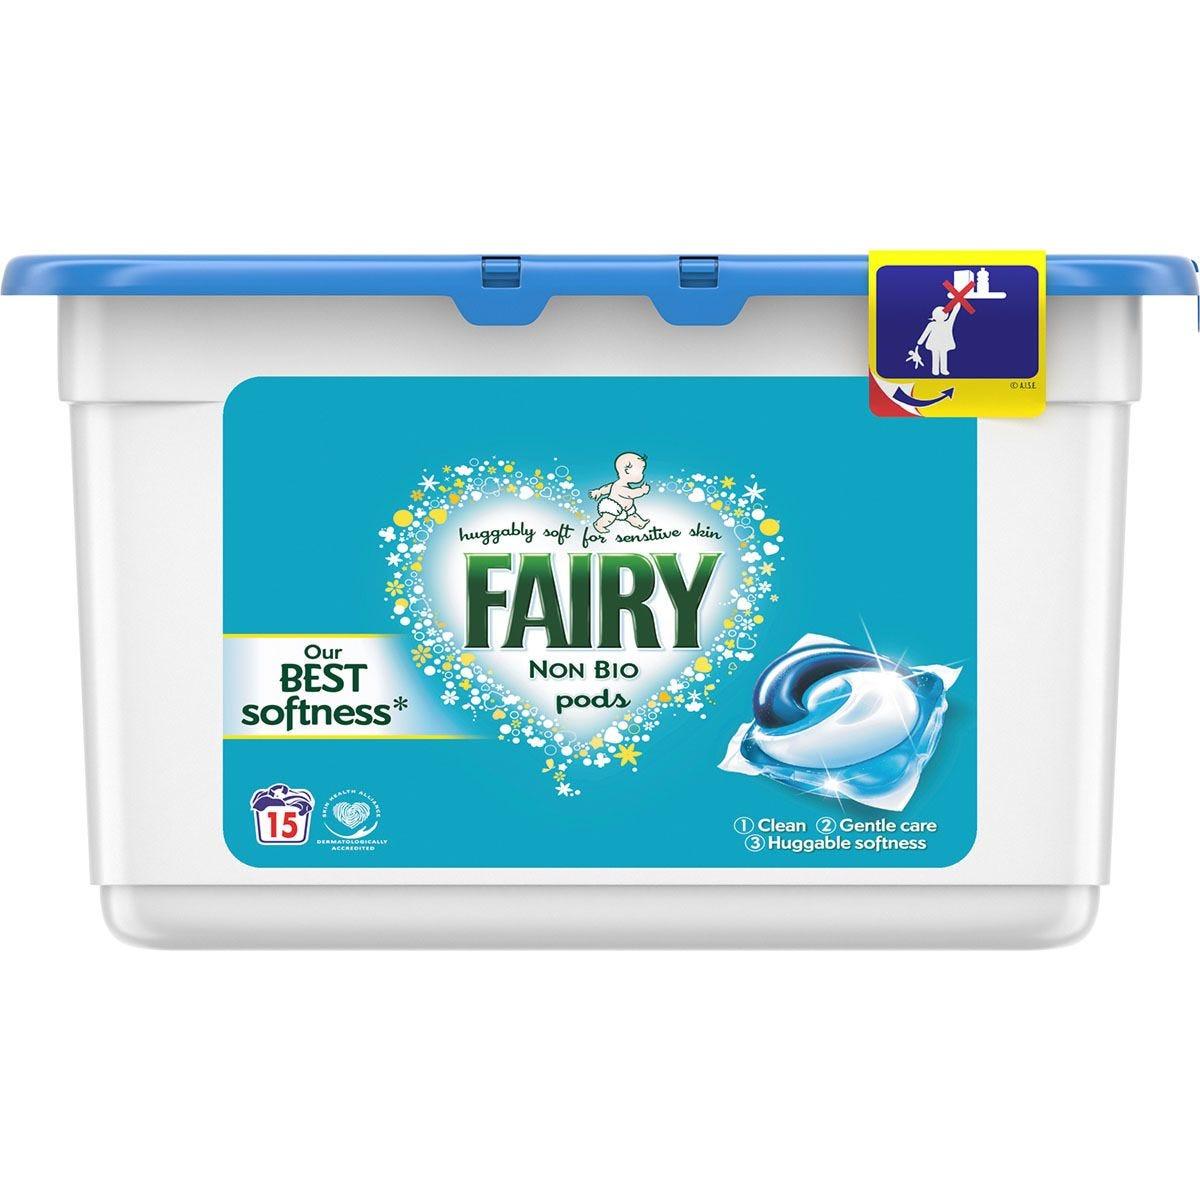 Fairy Non Bio Pods - 15 Washes